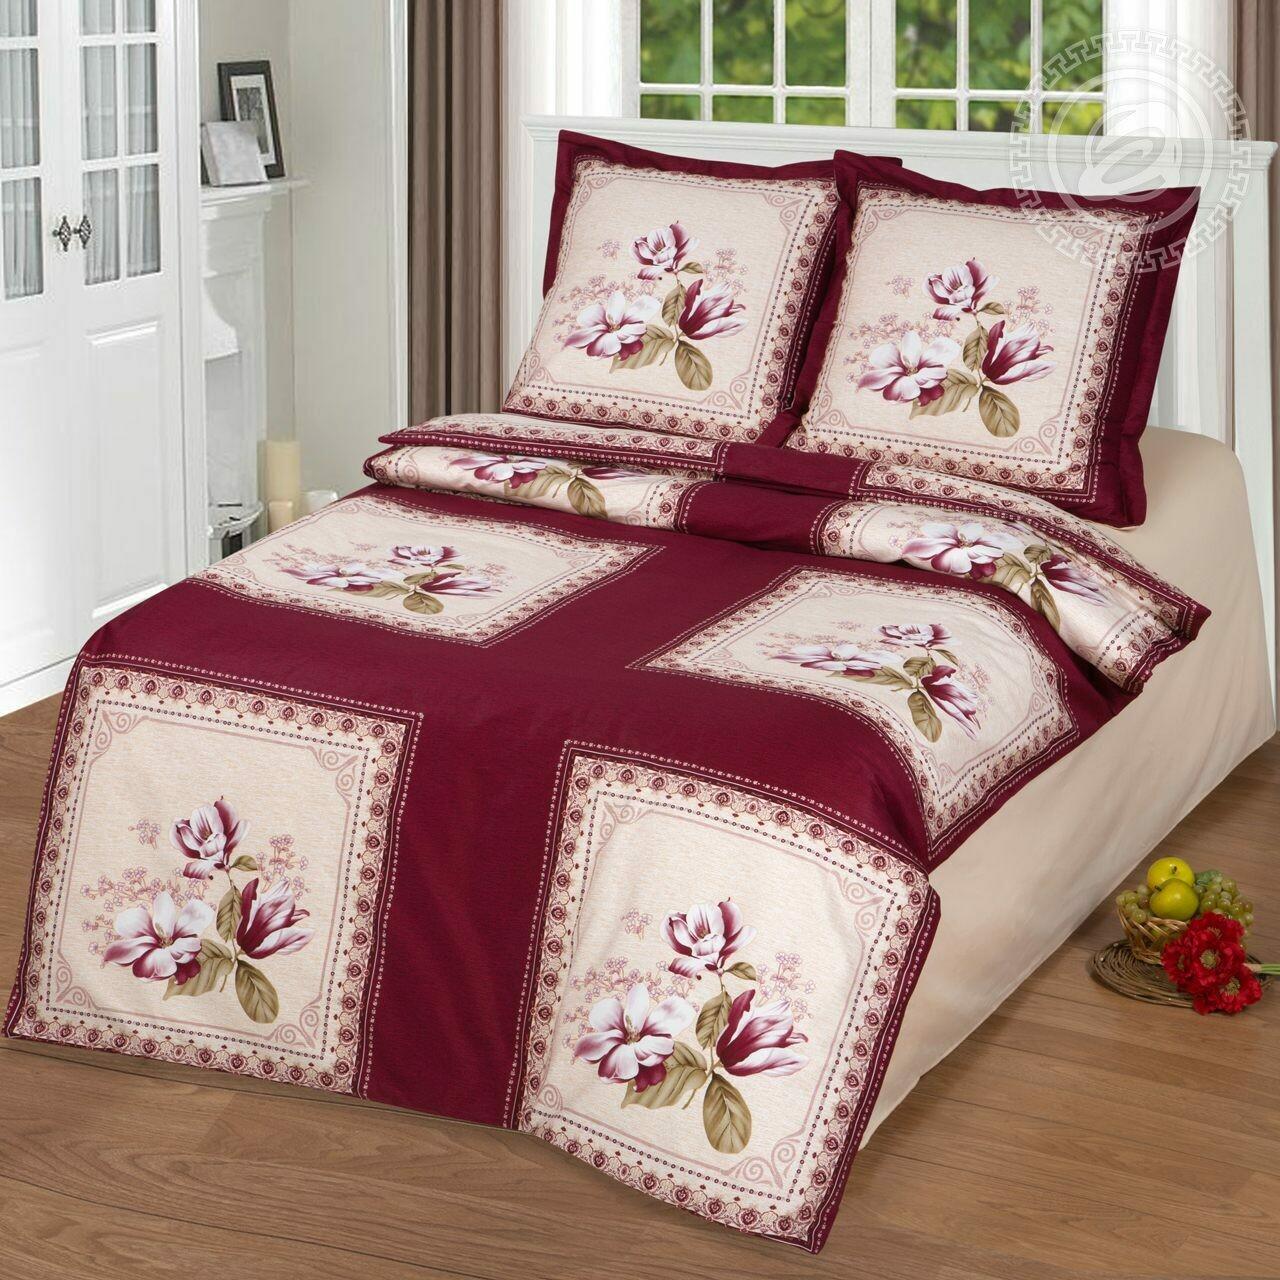 Эдельвейс - Classik  (Комплекты постельного белья)